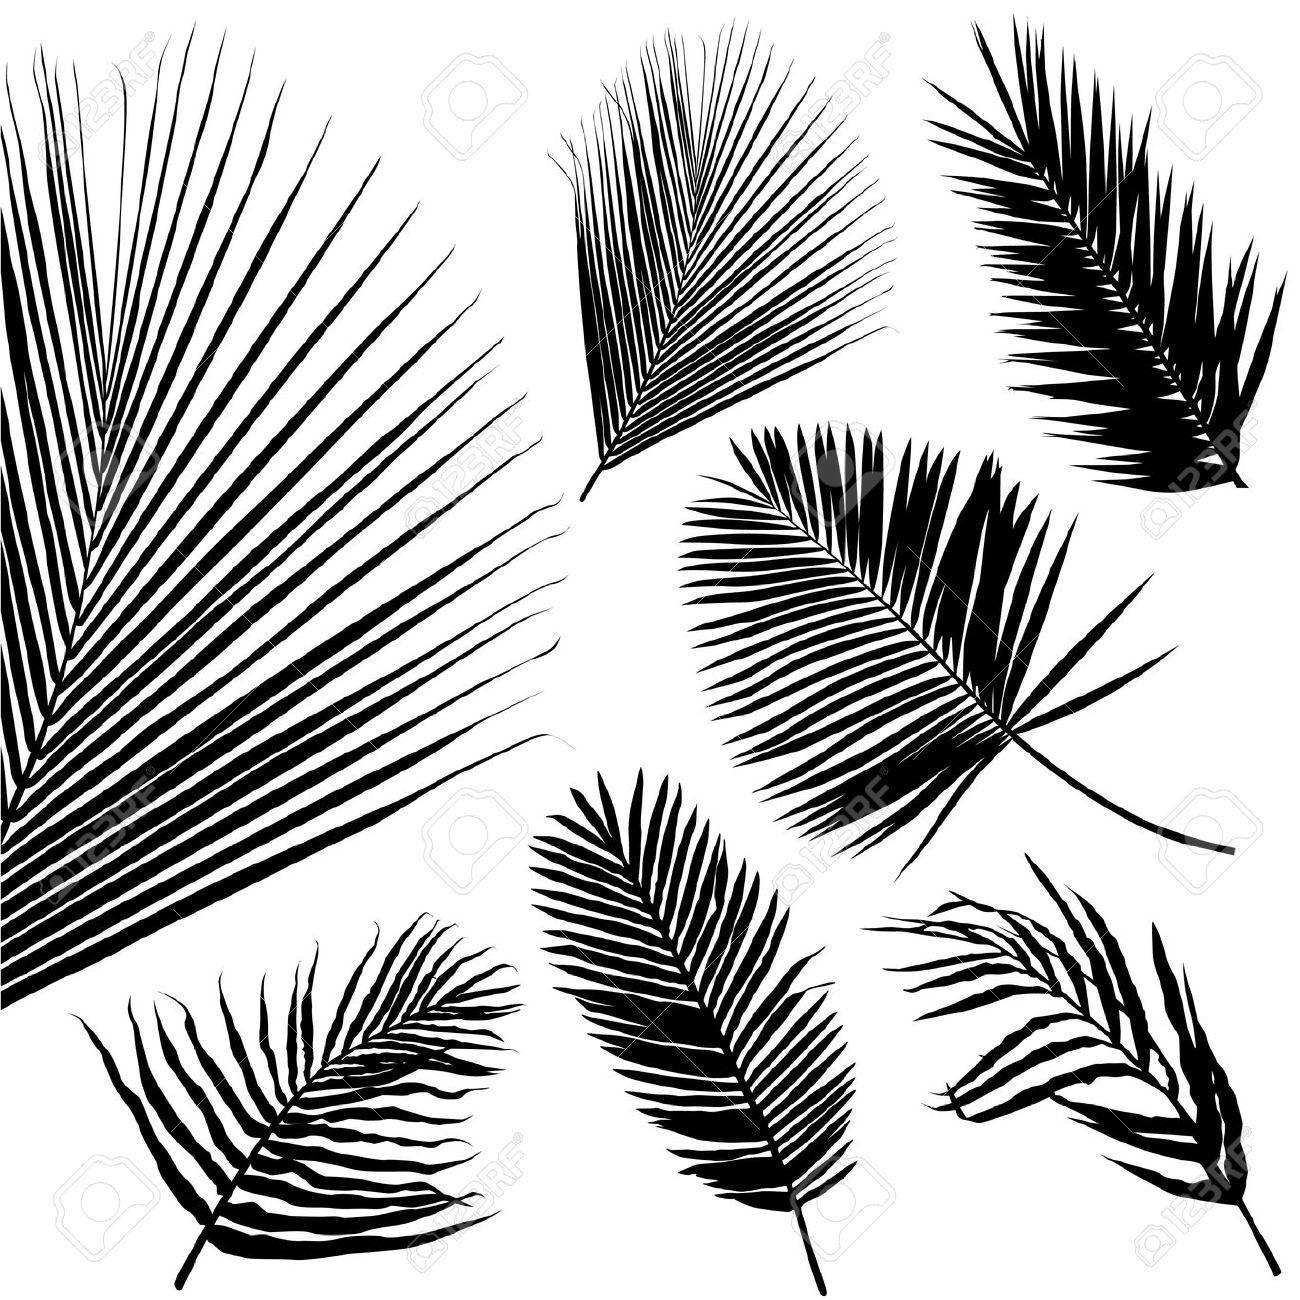 Feuille de palmier palm feuille transparente patron - Palmier dessin ...